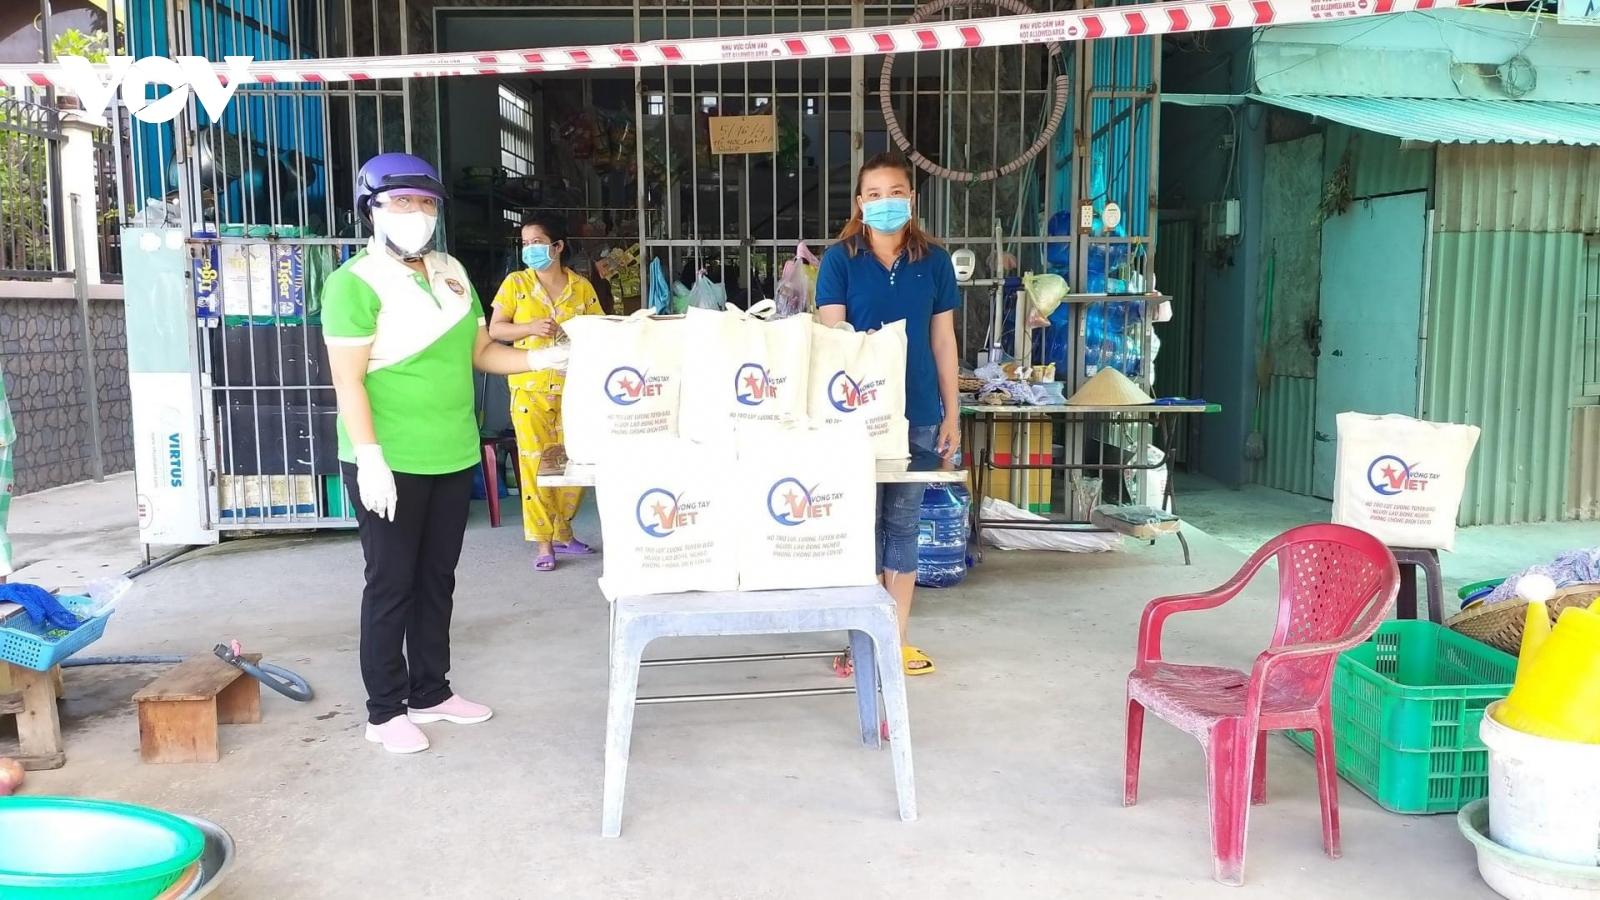 TP.HCM khẩn trương hỗ trợ người dân khó khăn do dịch bệnh Covid-19